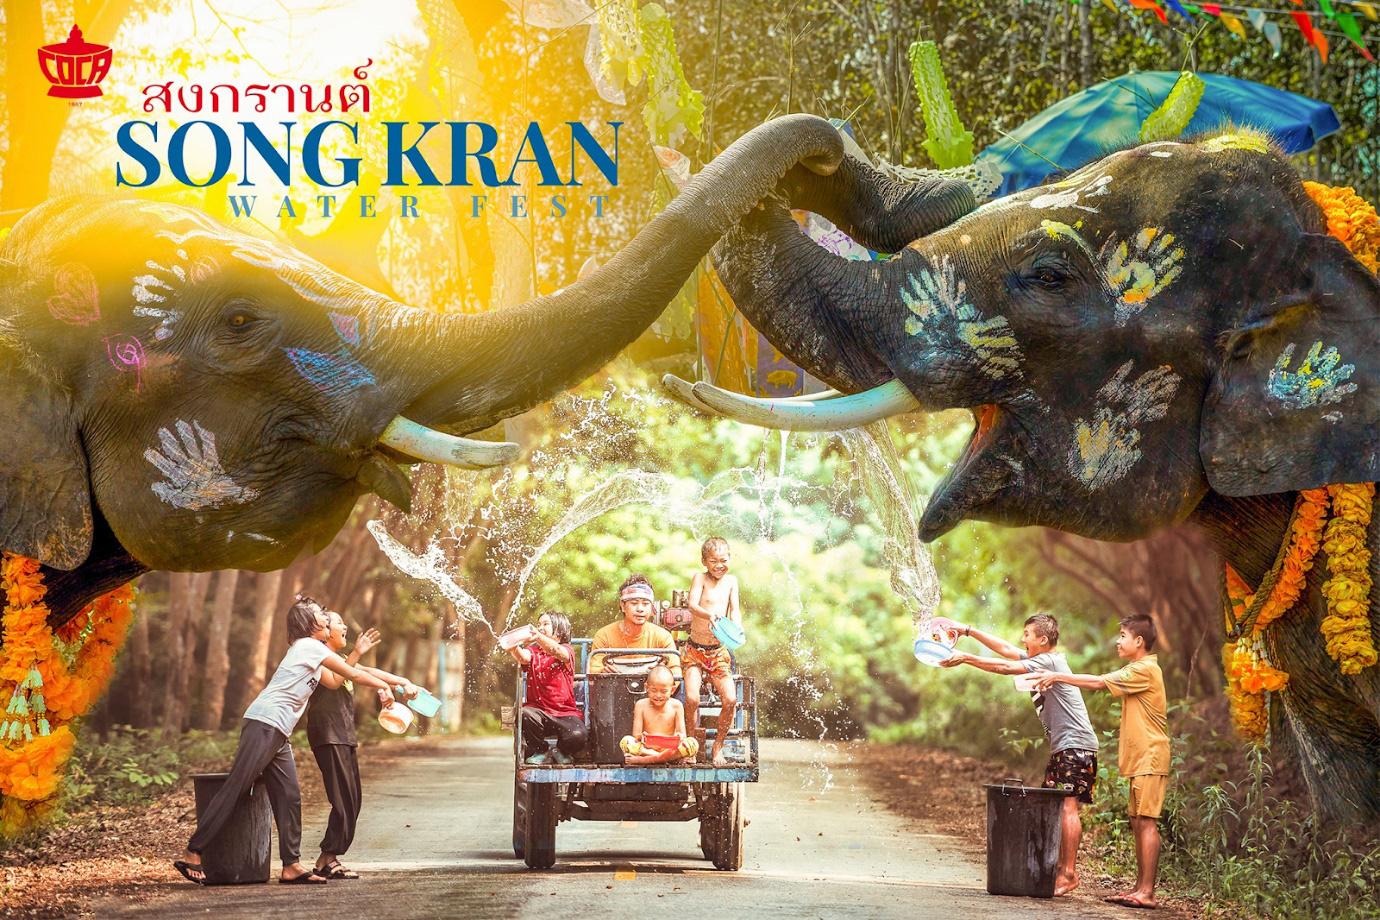 Songkran không chỉ là té nước, bởi có hàng loạt những món ngon khó cưỡng của xứ sở chùa Vàng cũng chờ bạn thưởng thức - Ảnh 1.